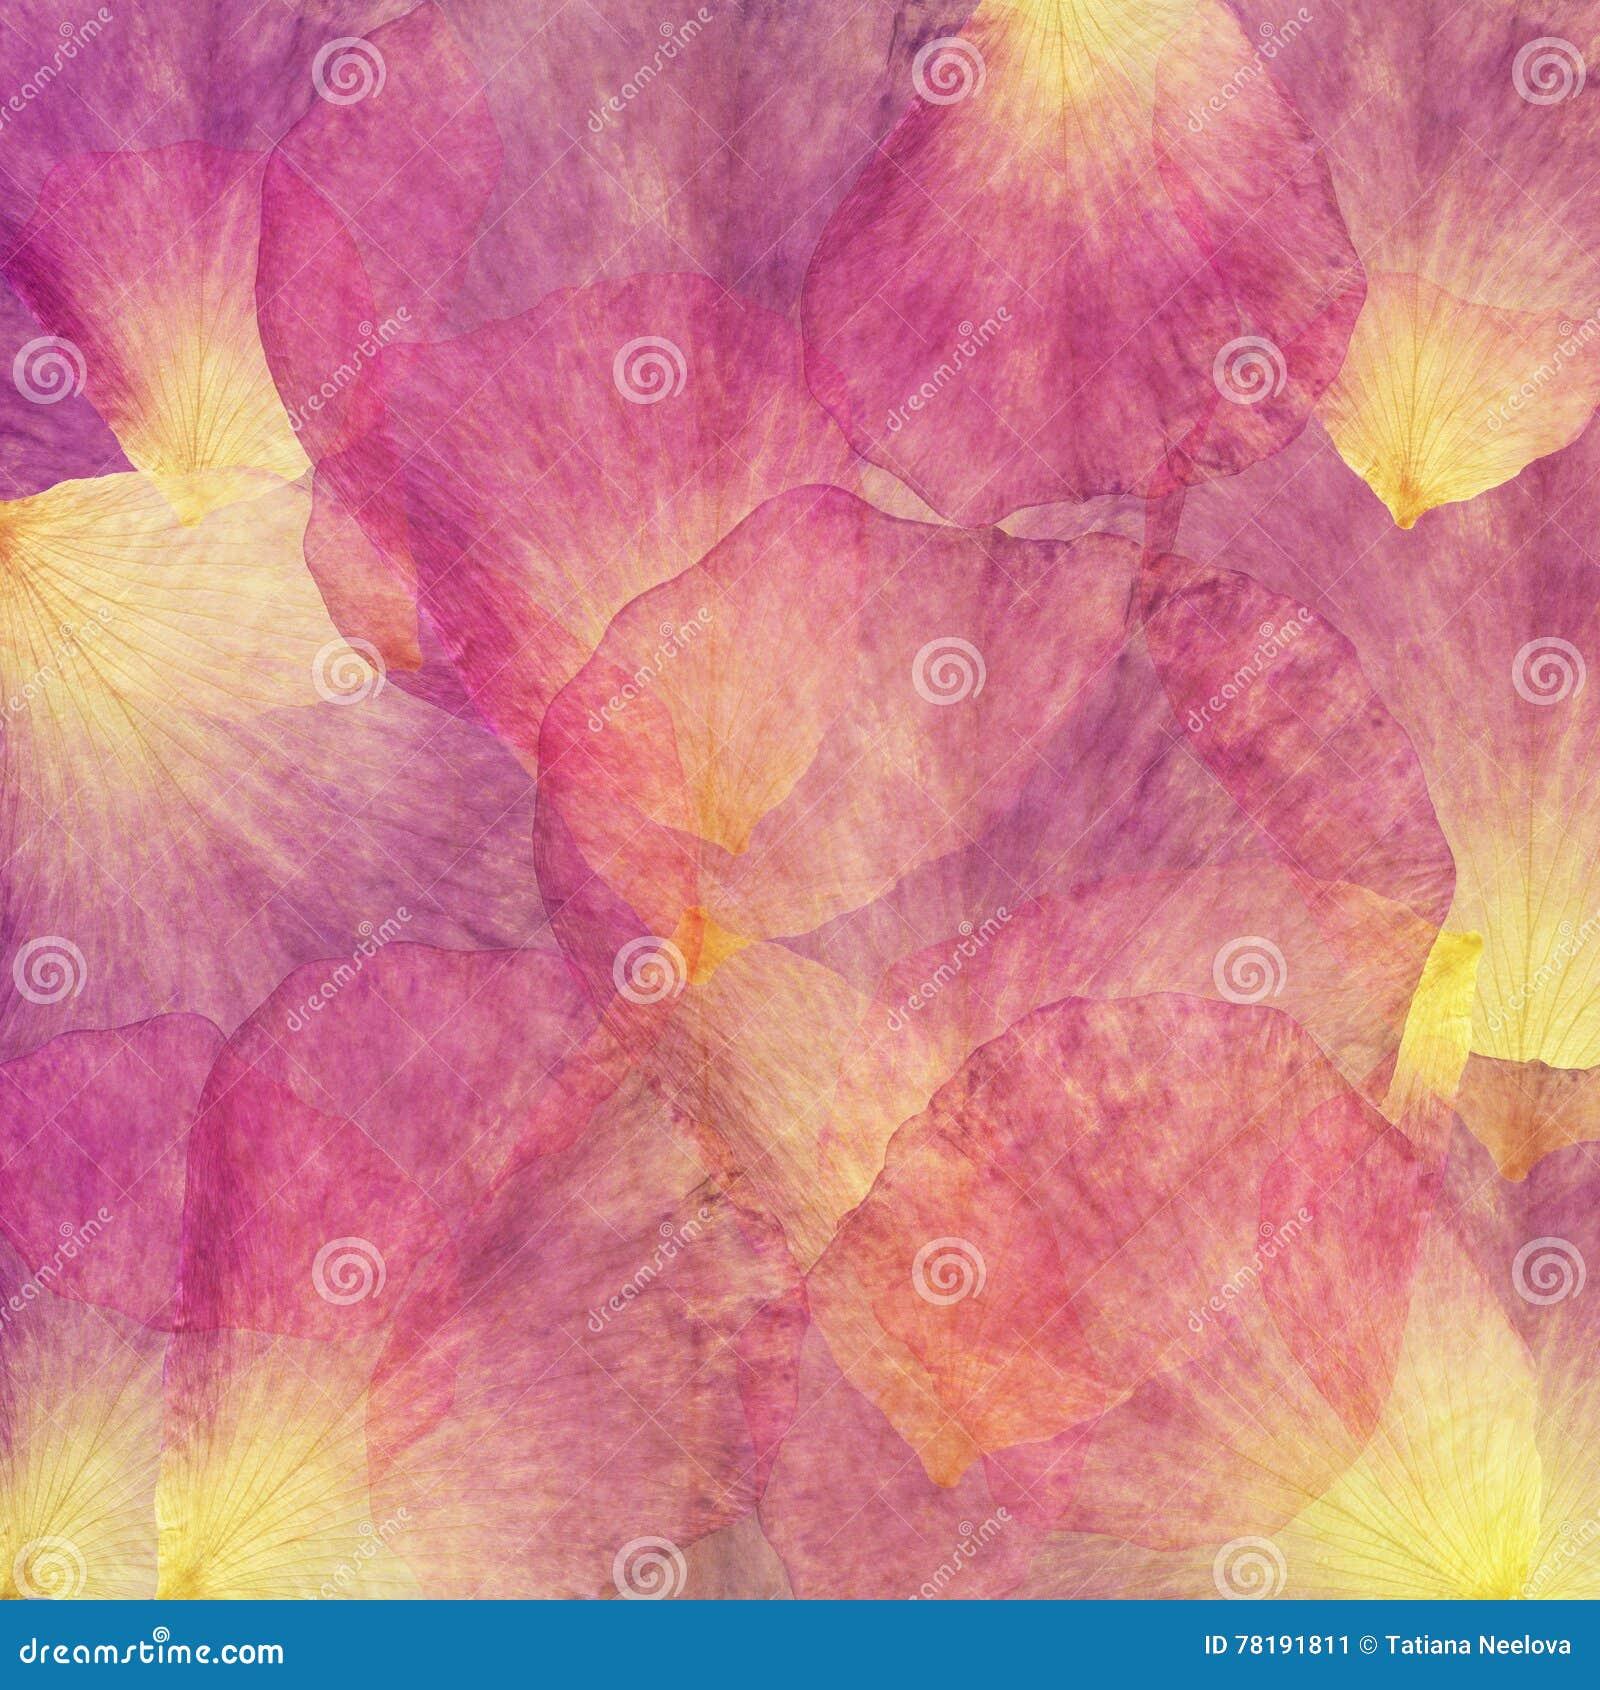 Fundo floral do batik do grunge da arte Cores pastel do Stylization, aquarelas Contexto textured vintage com o rosa, vermelho